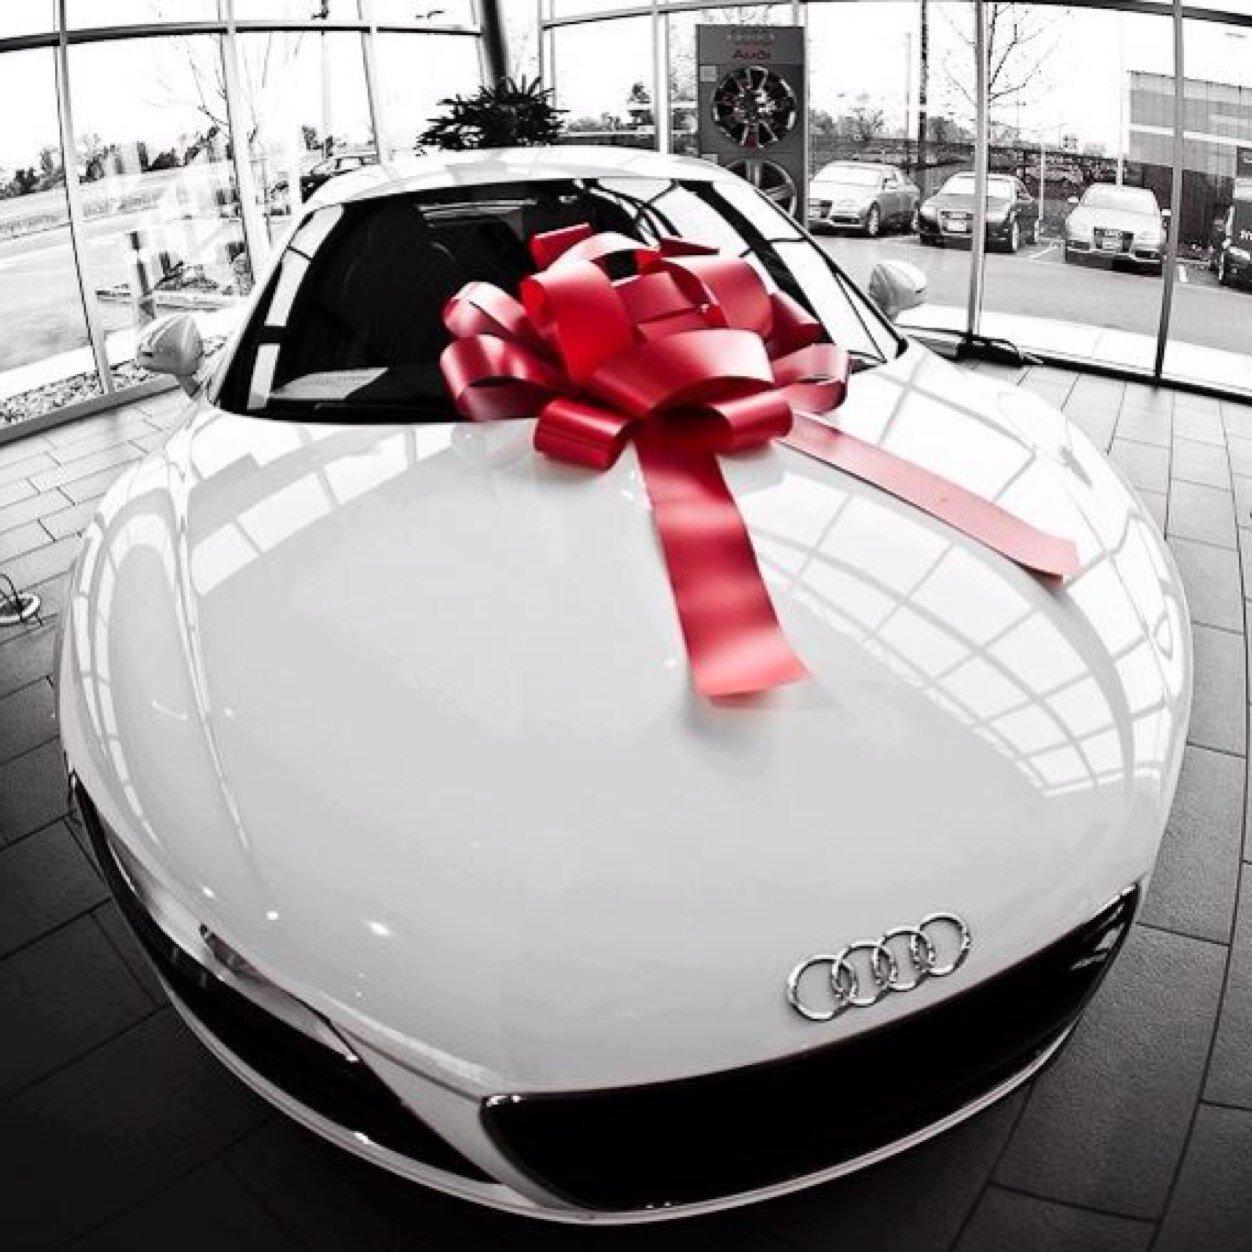 Подарок в машину мужчине на день рождения фото